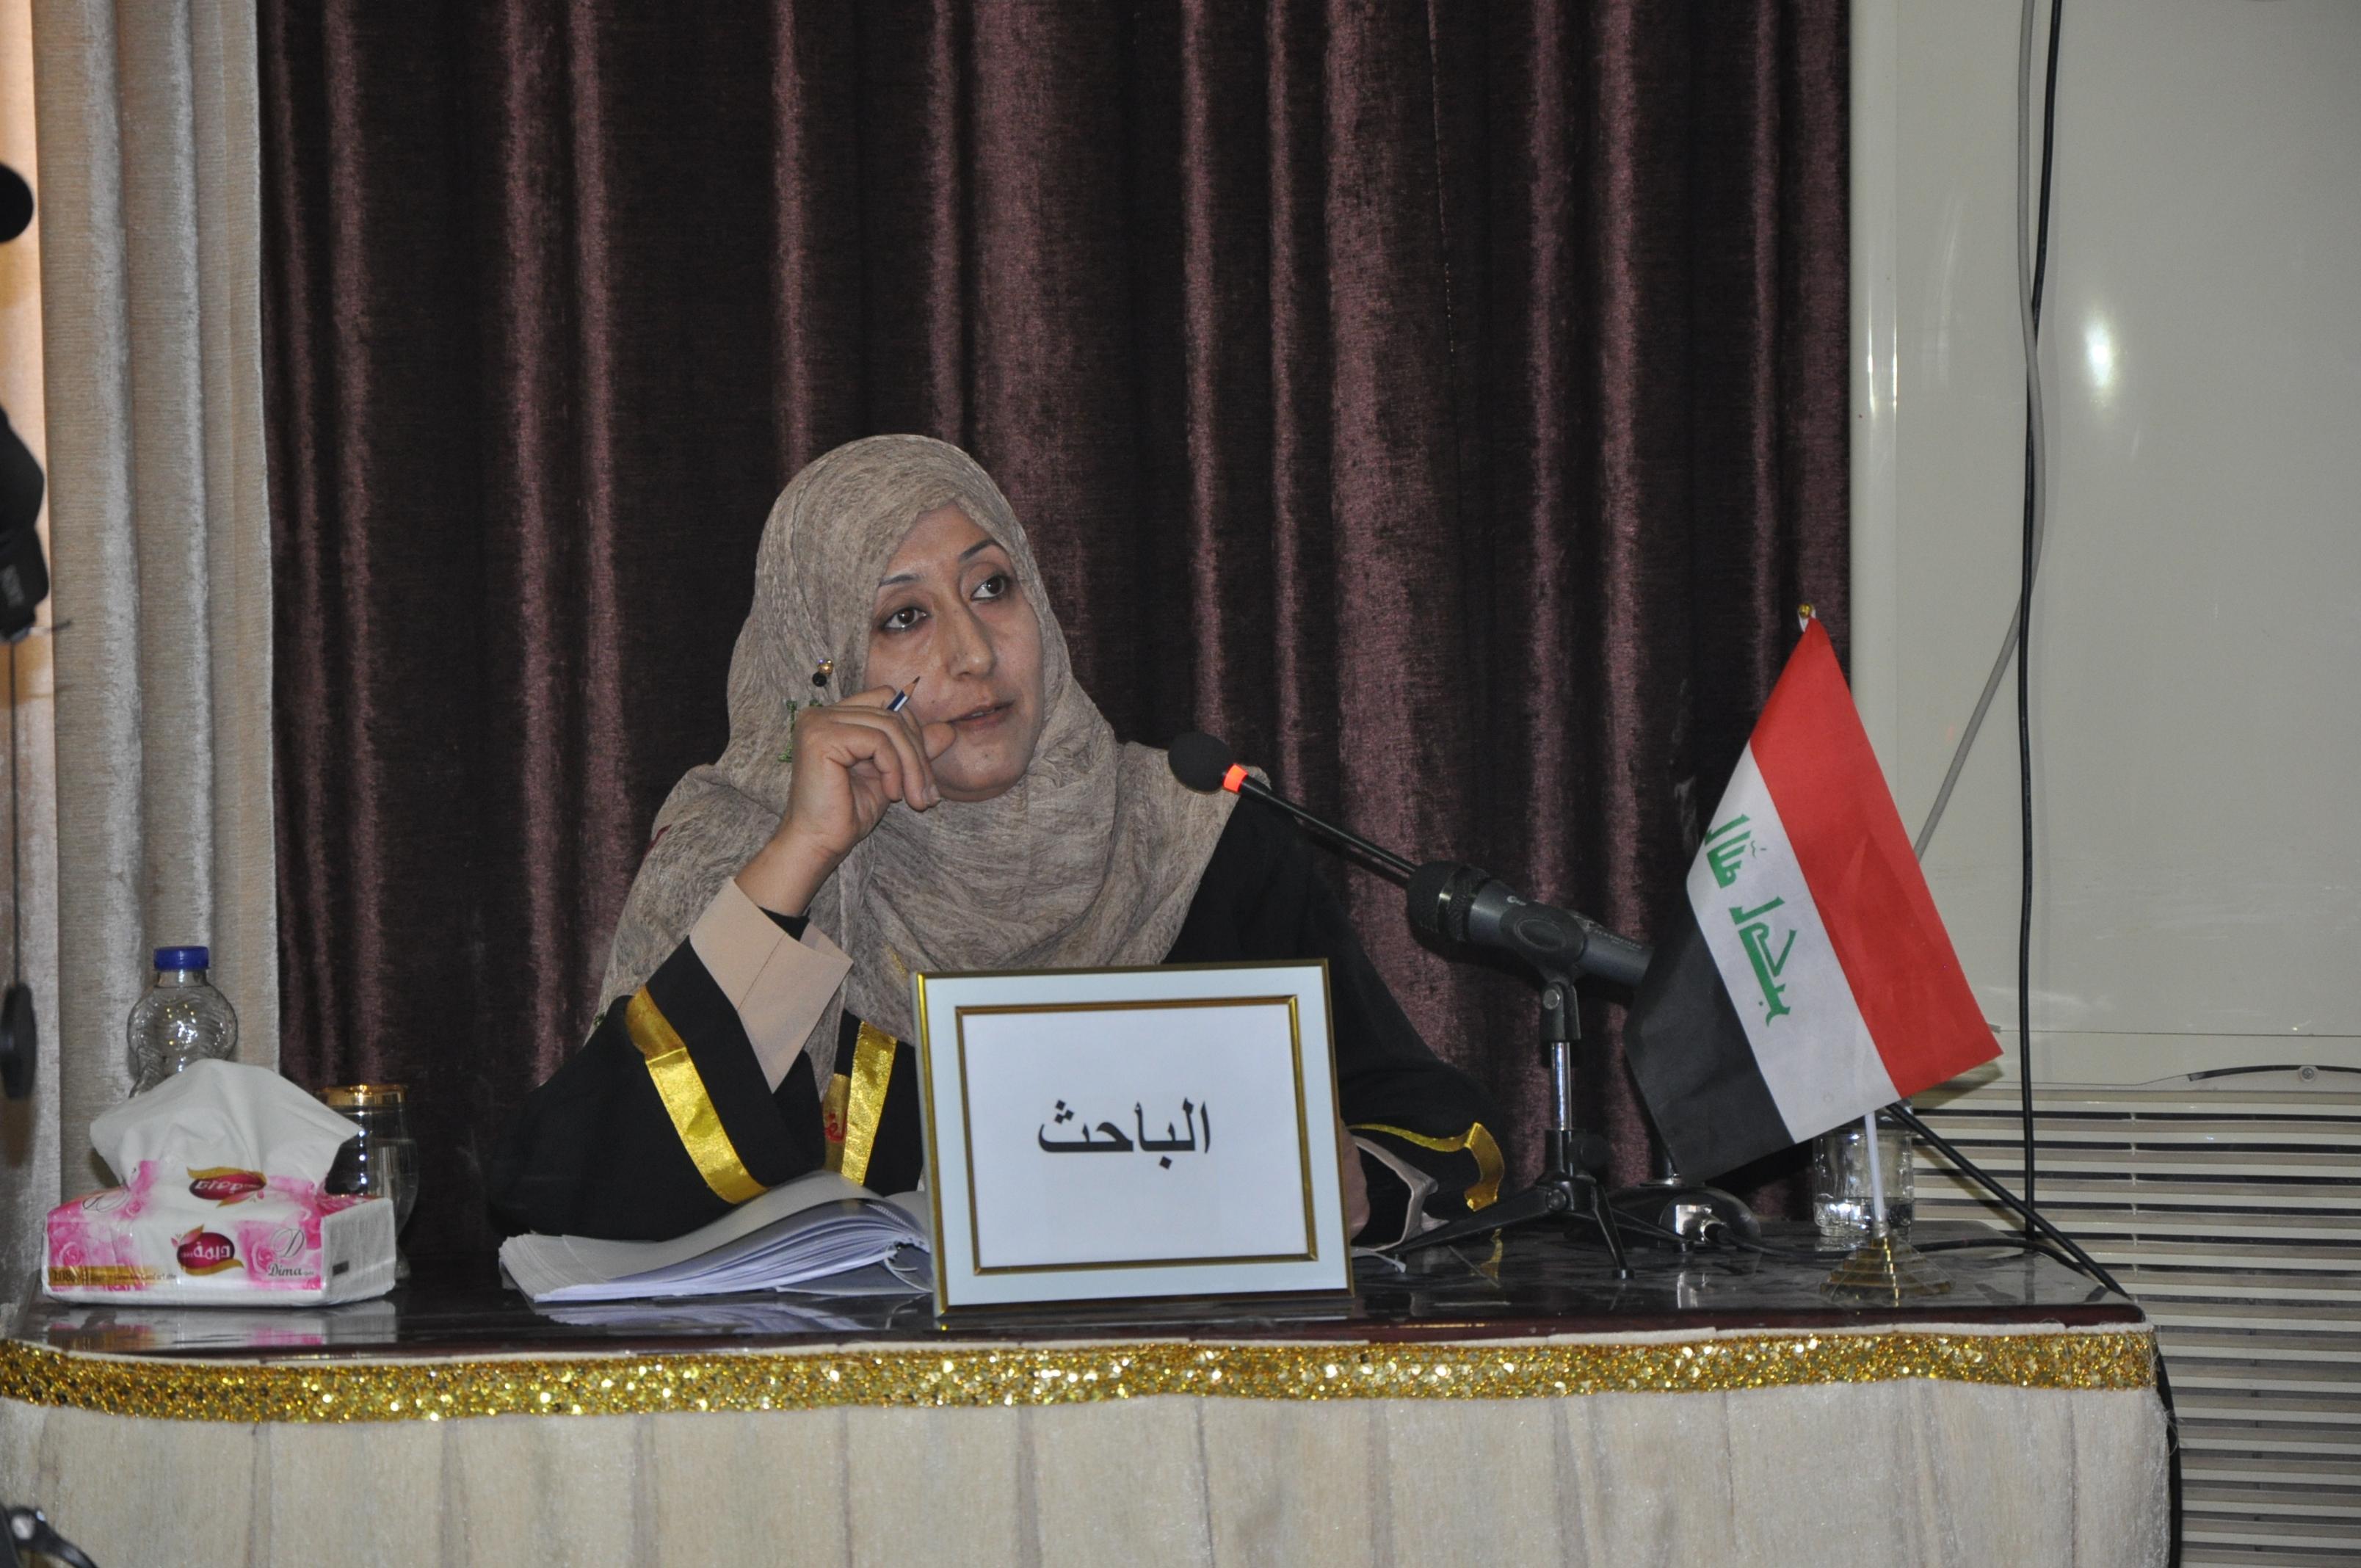 اطروحة دكتوراه في كلية الاداب  تبحث  الخدمات الصحية وكفاءتها  في محافظة القادسية